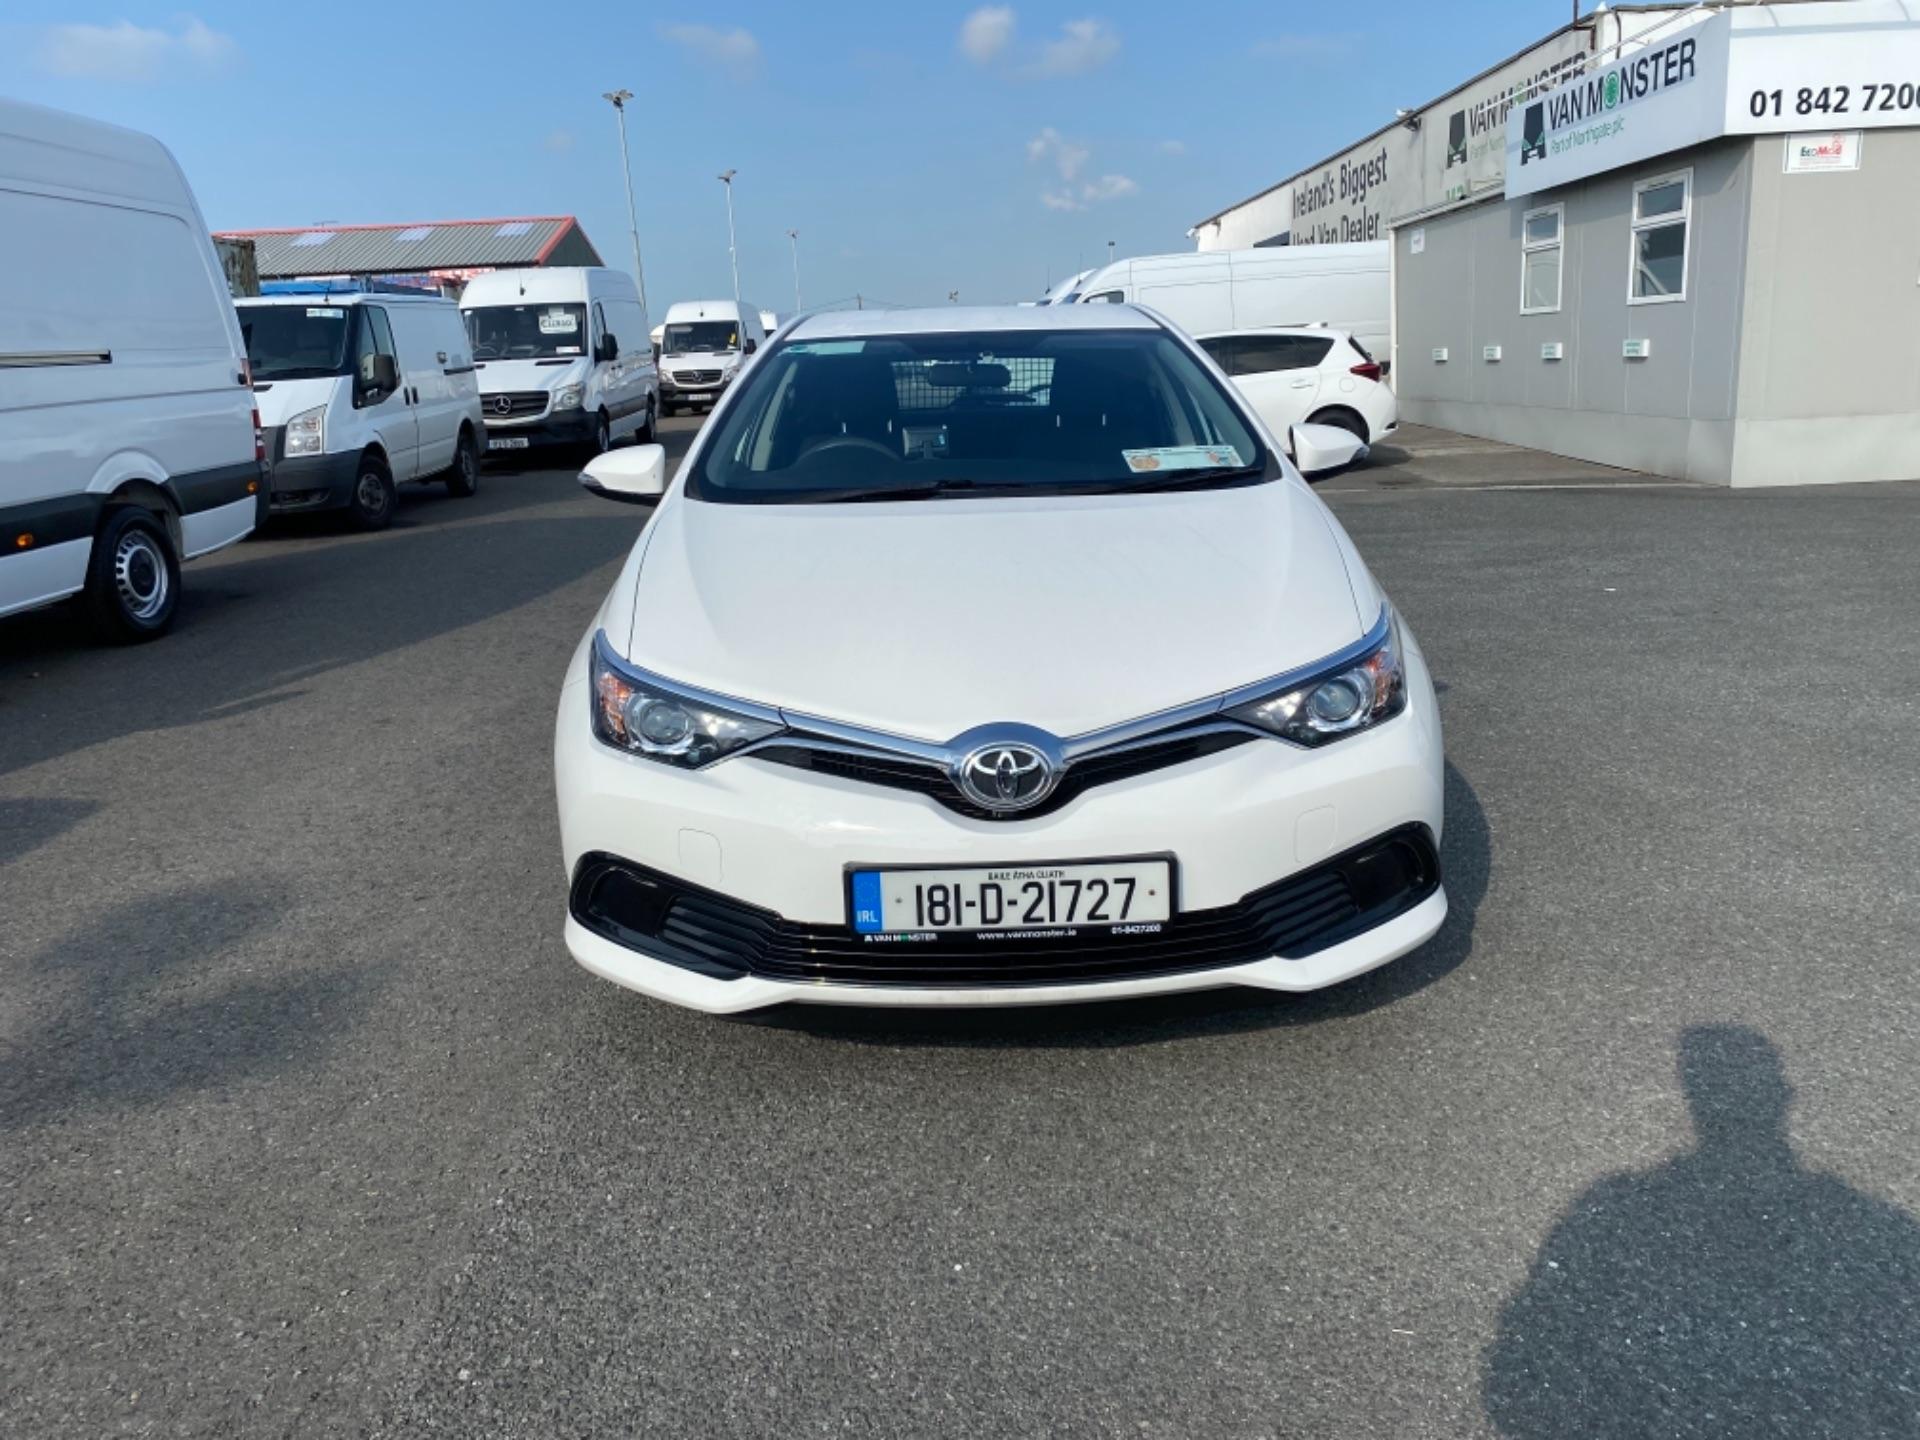 2018 Toyota Auris VAN 1.4 D4D Terra 4DR (181D21727) Image 2